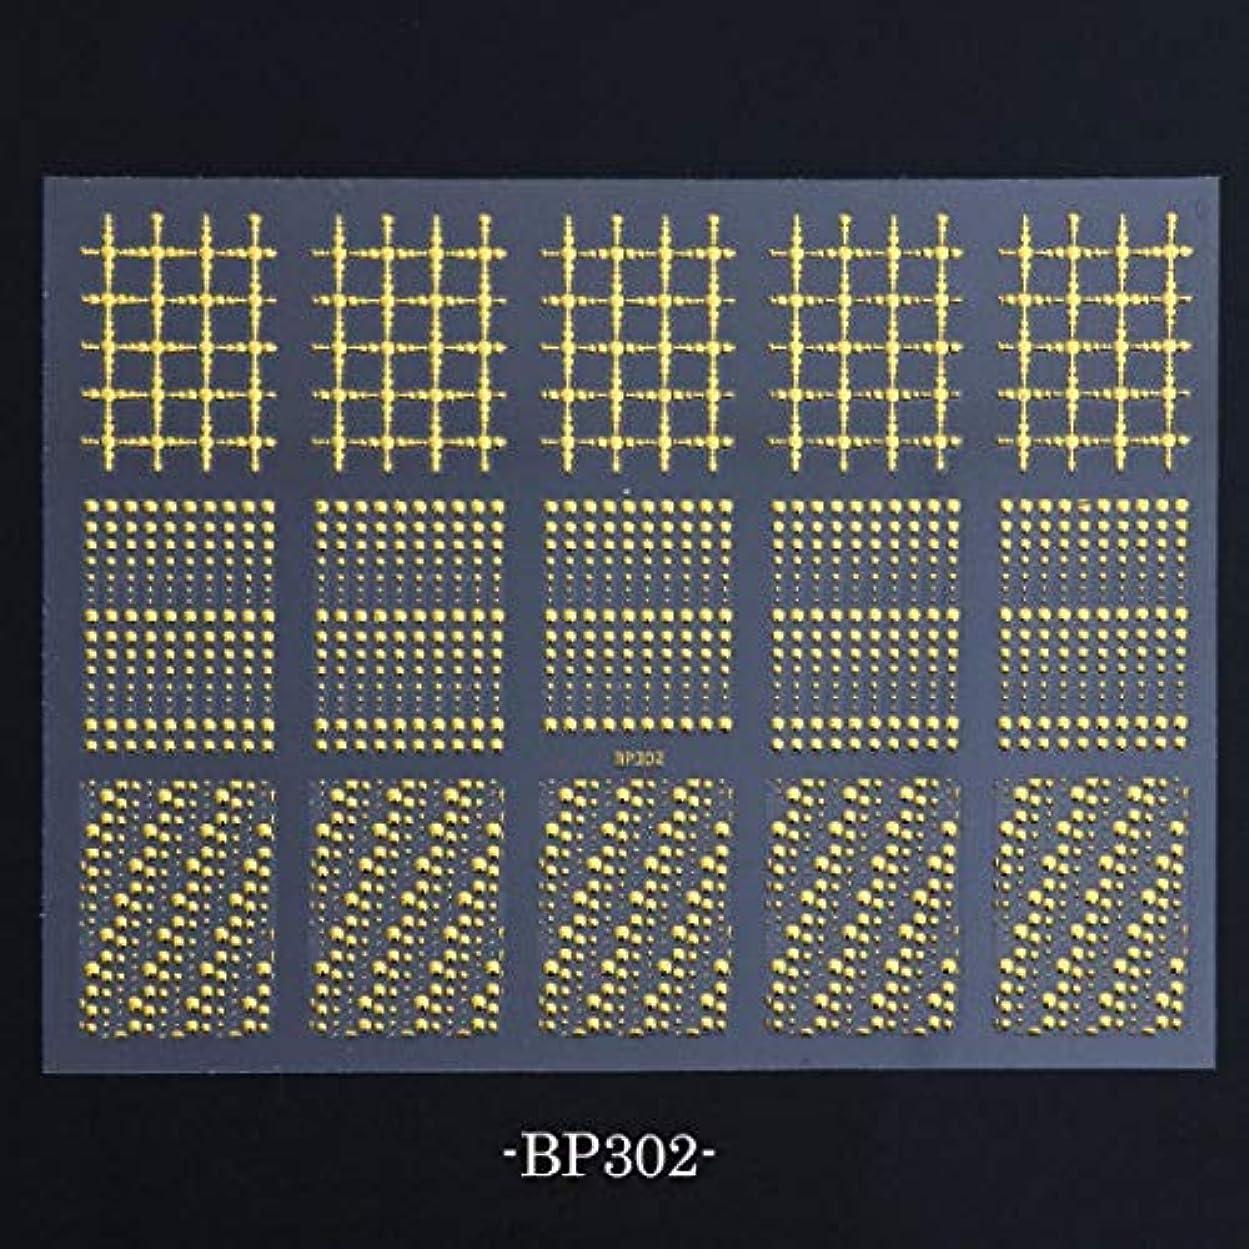 後世大学院口ひげSUKTI&XIAO ネイルステッカー ネイルのための1Pcs 3Dのステッカーの金の月の星の幾何学的な縞ラインスライダーの付着力のステッカーの釘の芸術の装飾、Bp302